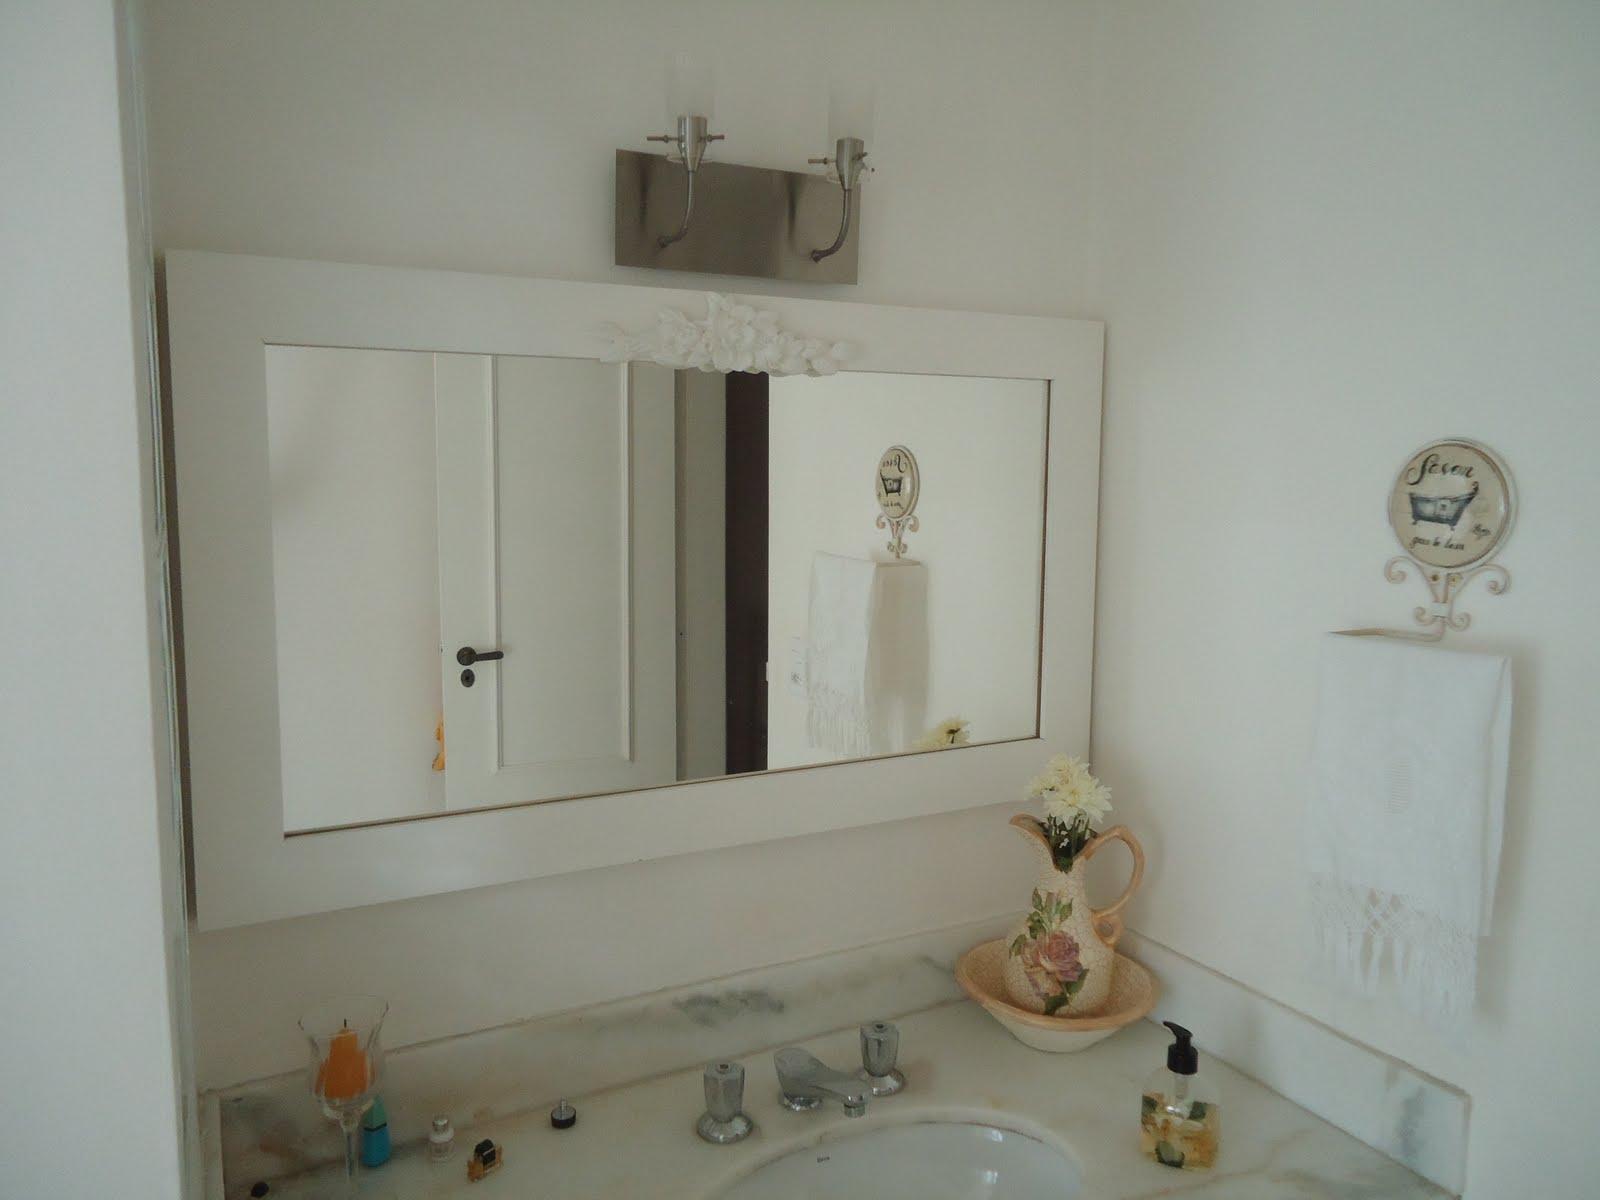 sexta feira 29 de julho de 2011 #604B33 1600x1200 Balcao Banheiro Com Espelho